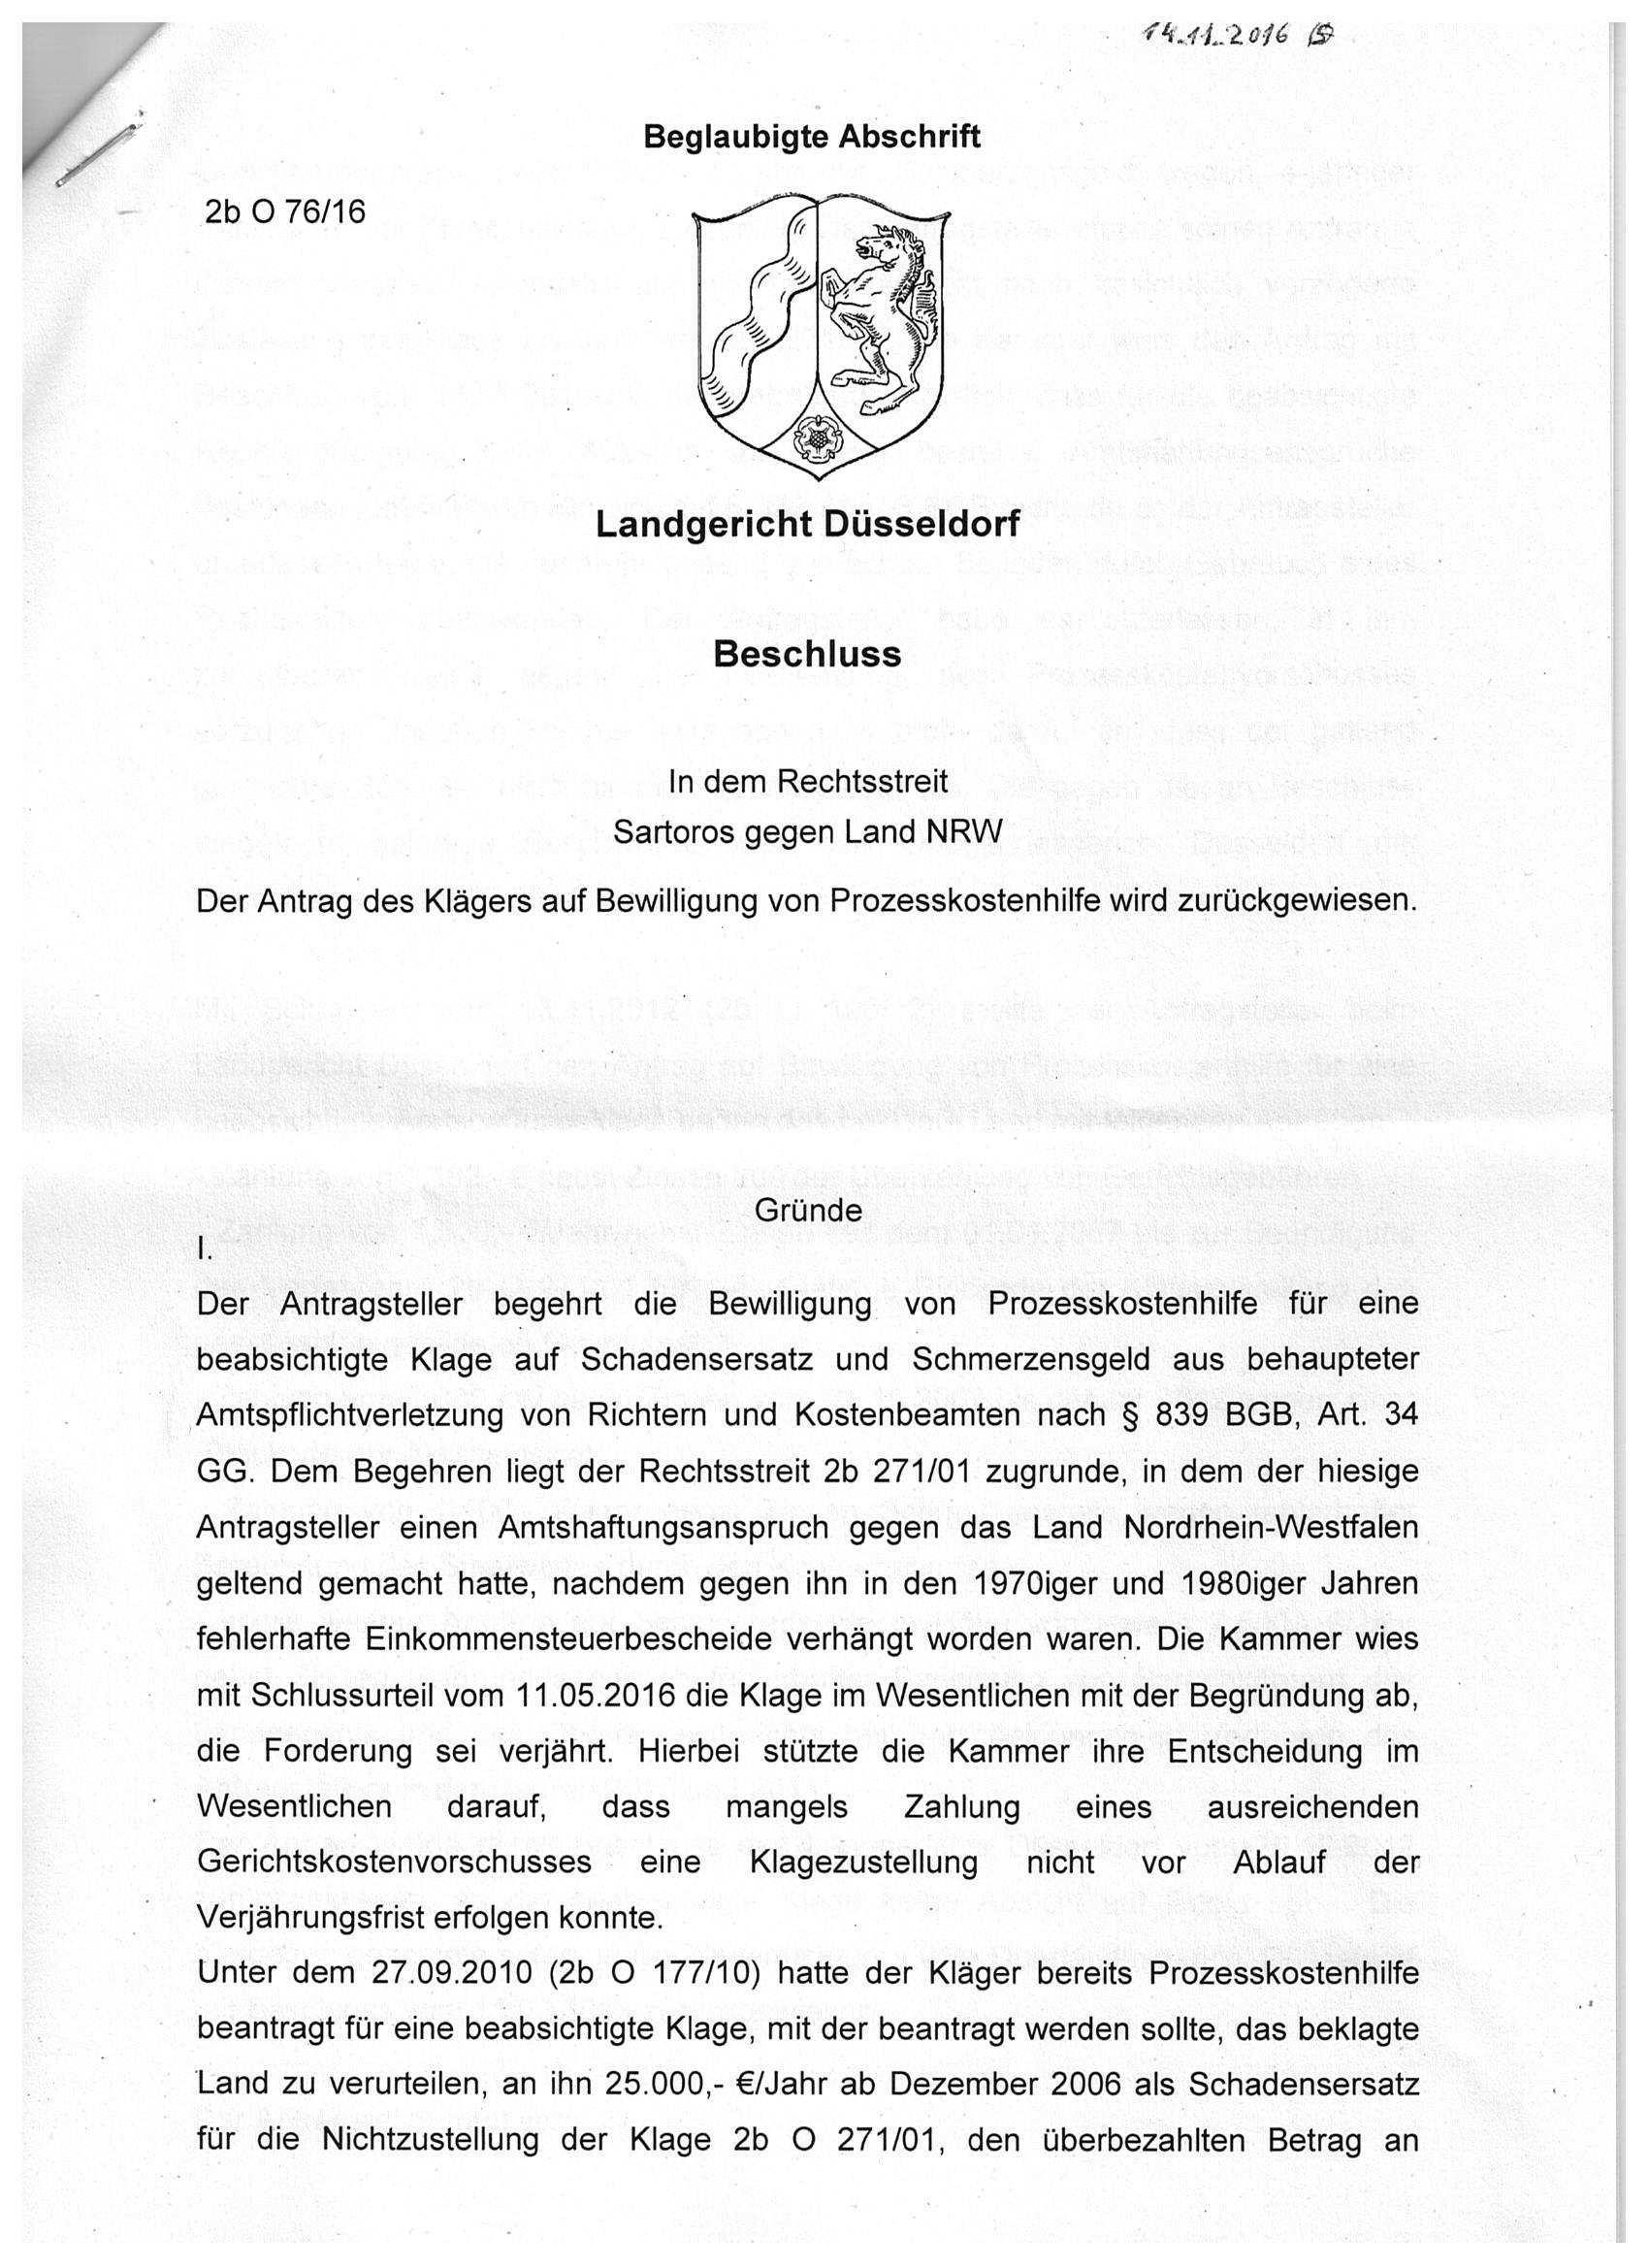 Landgericht Dusseldorf Dr Ing Th Sartoros